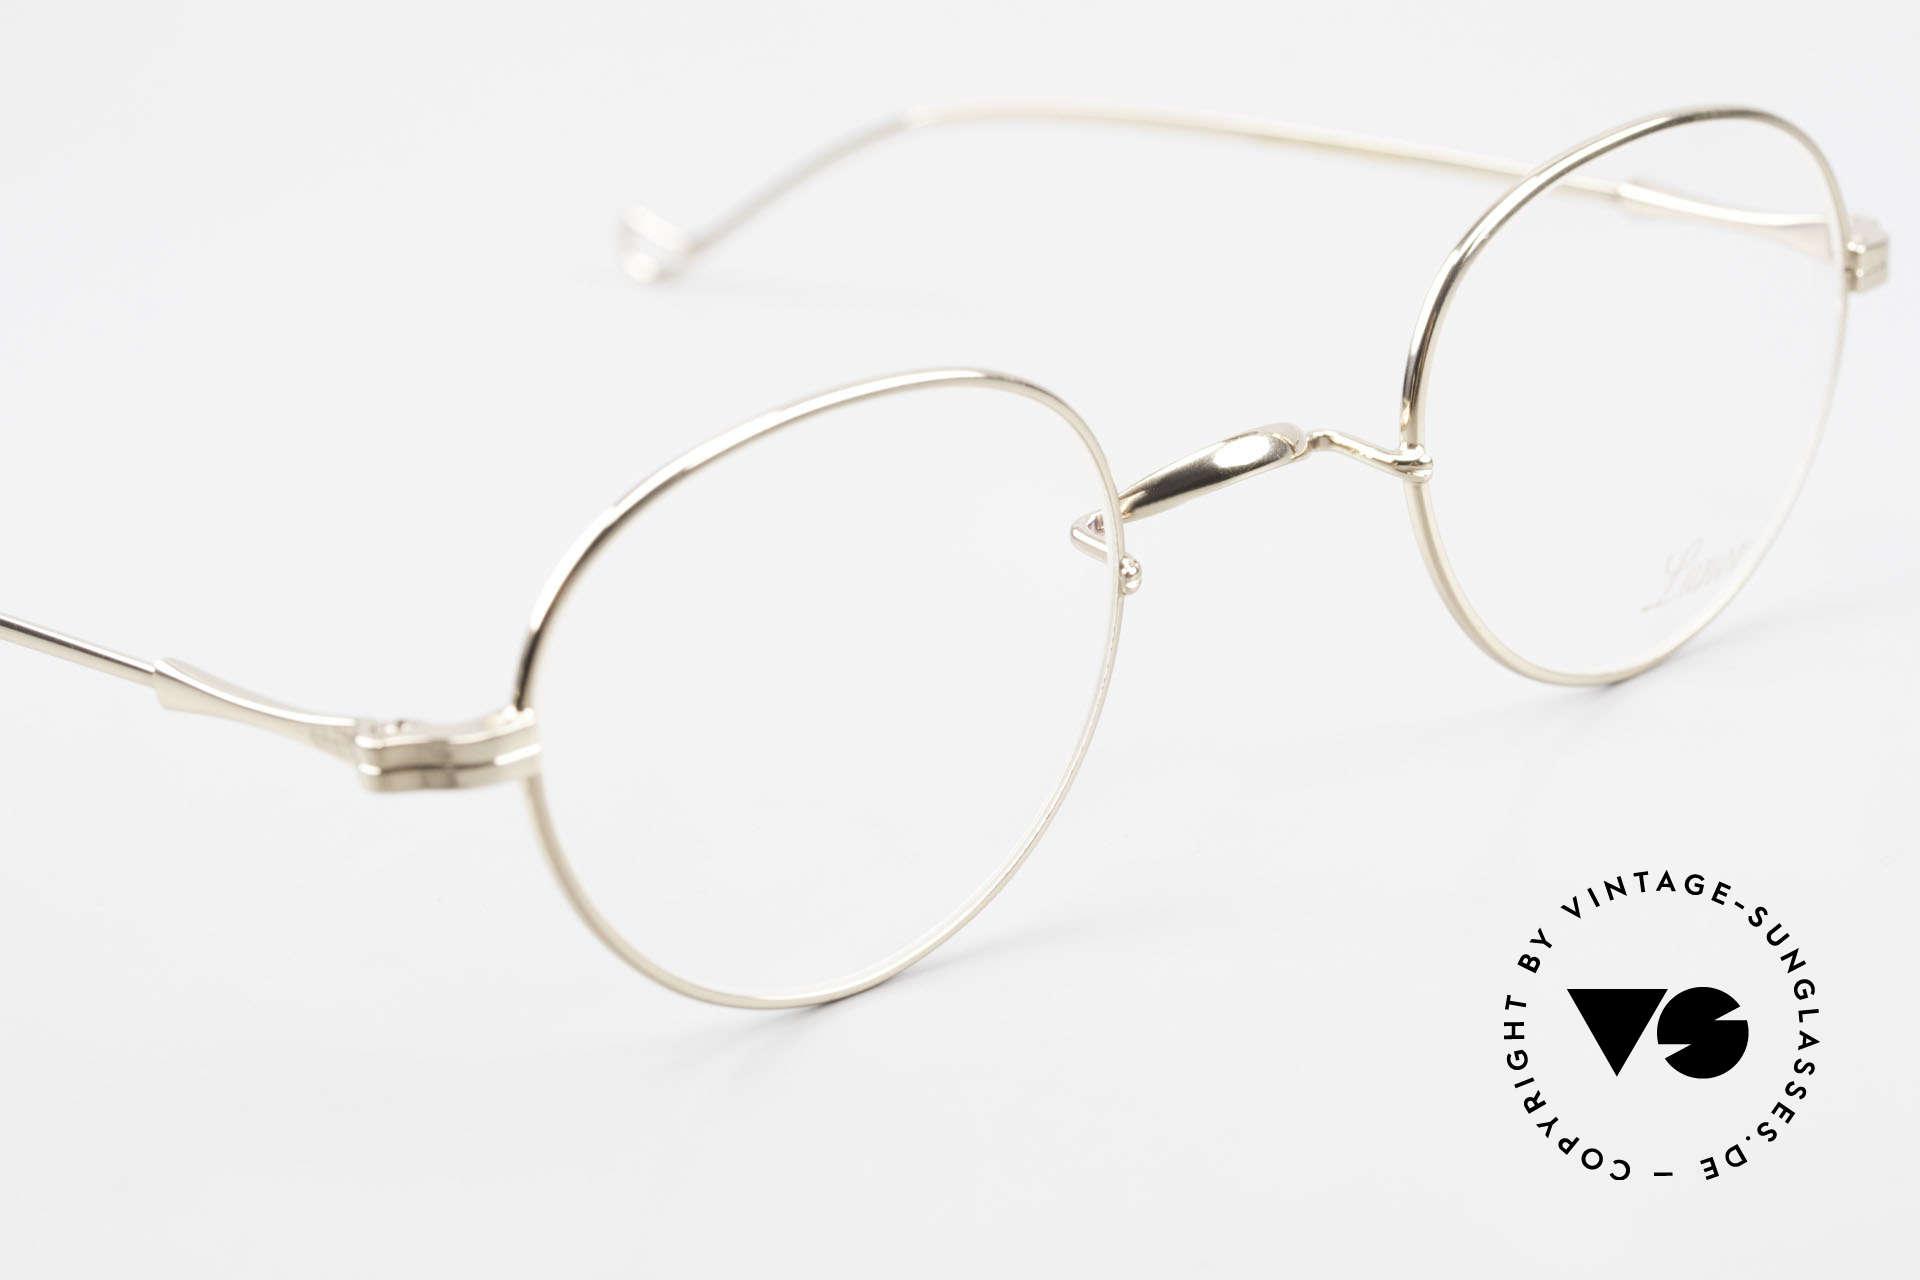 Lunor II 22 Lunor Brille Vergoldet Panto, altes, ungetragenes LUNOR Einzelstück von ca. 1998, Passend für Herren und Damen